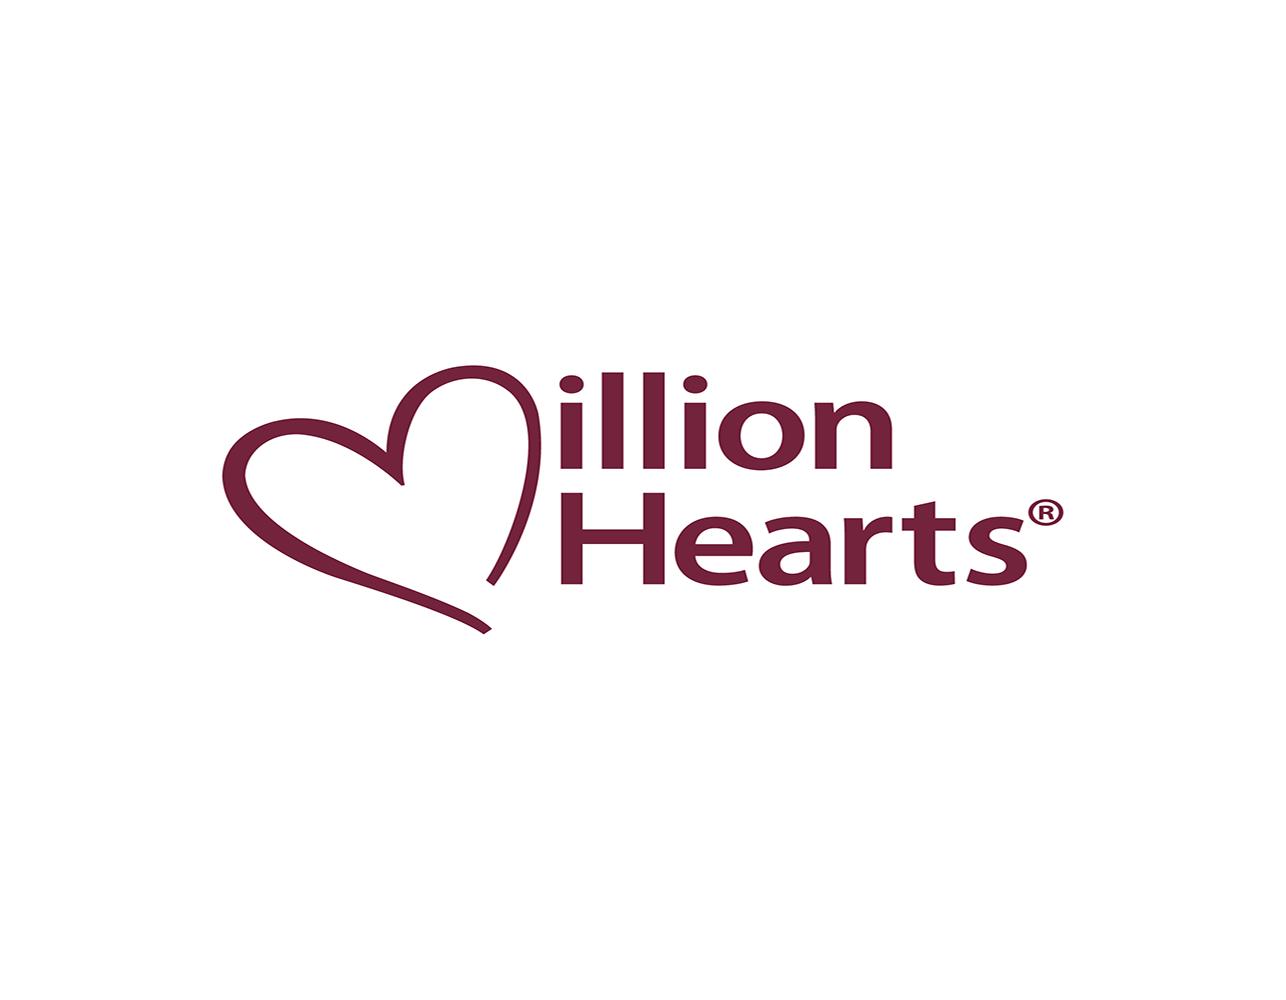 Million Hearts logo